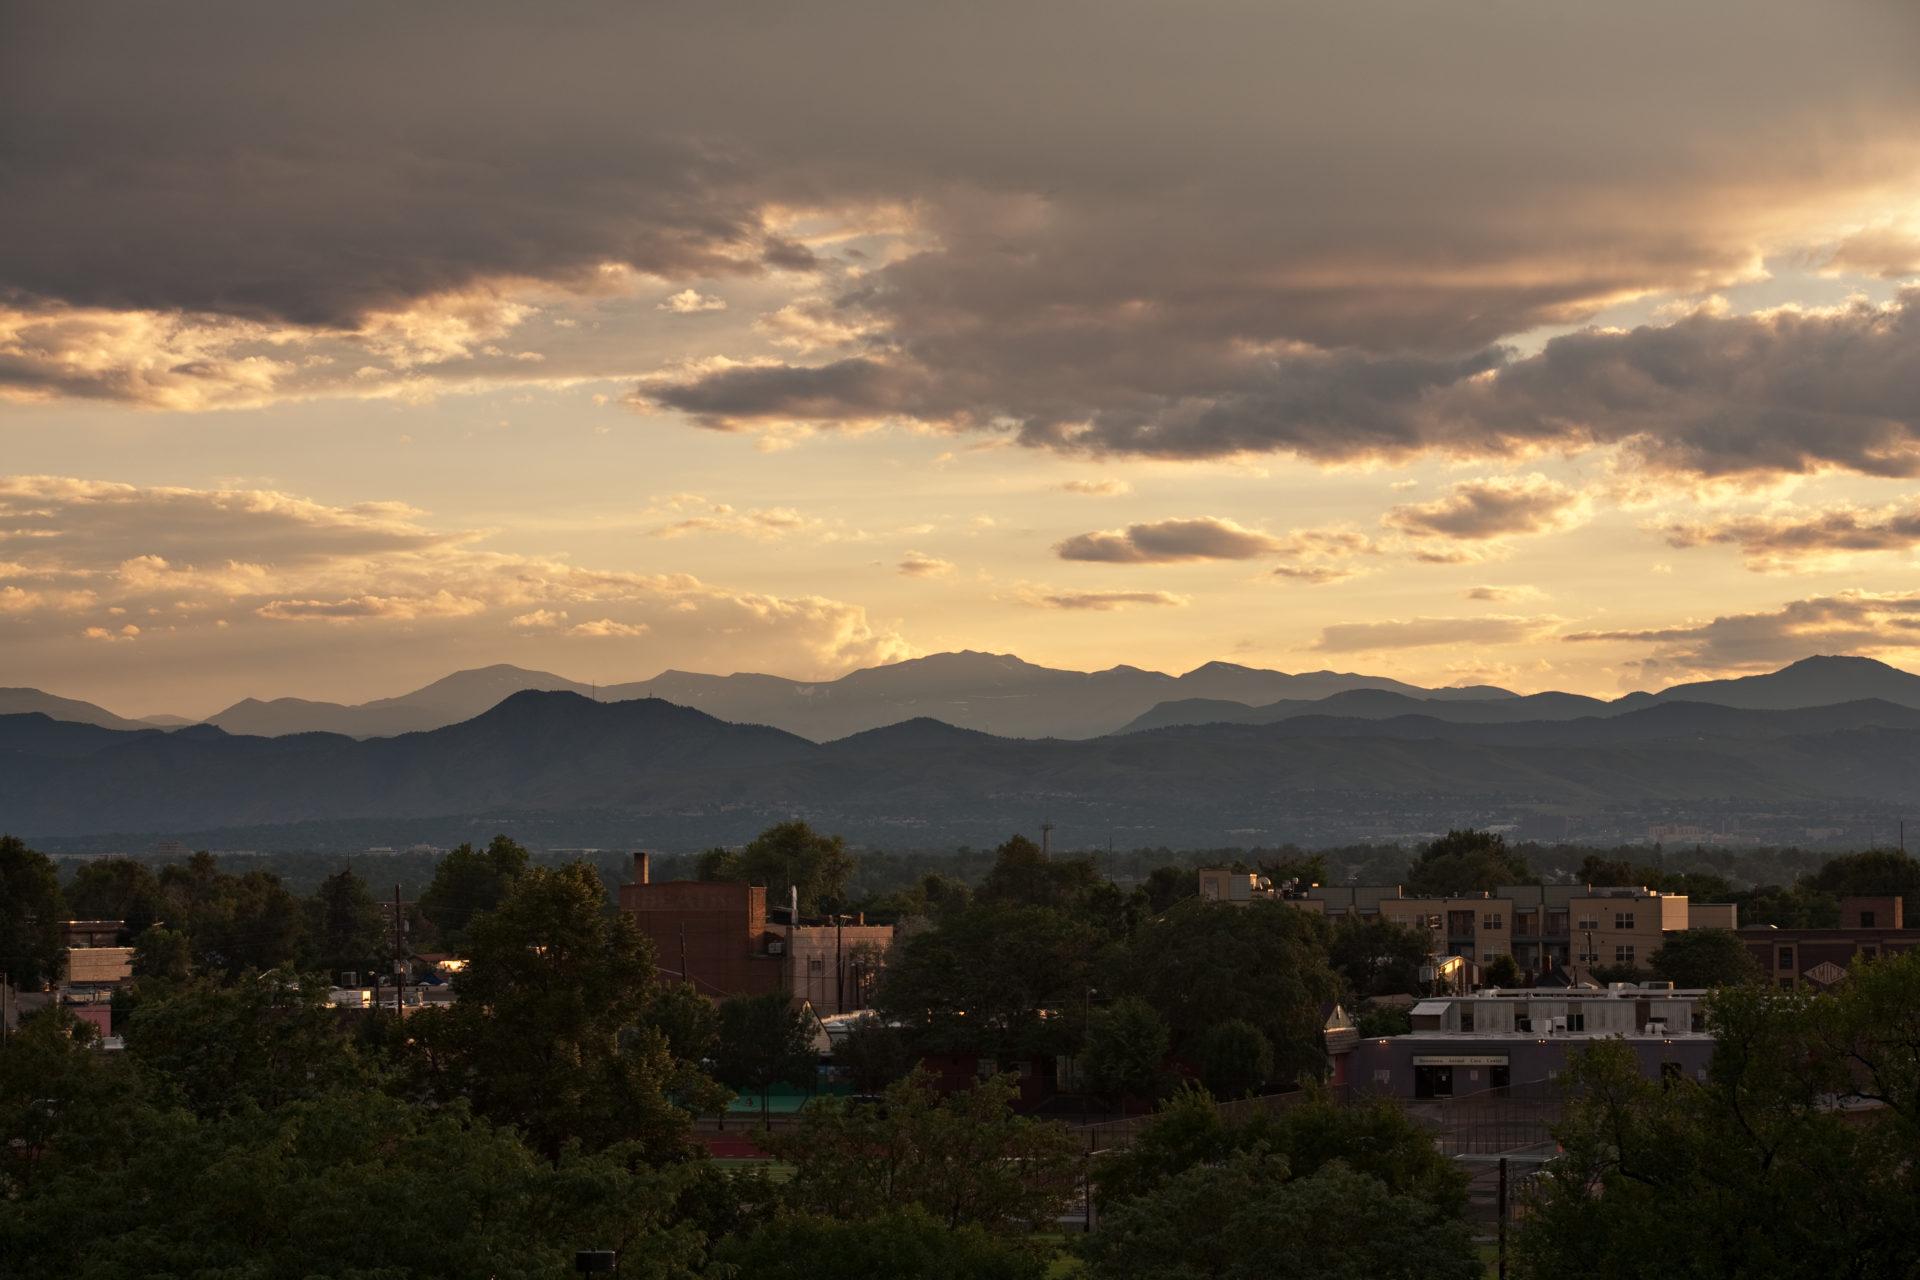 Mount Evans sunset - July 28, 2011